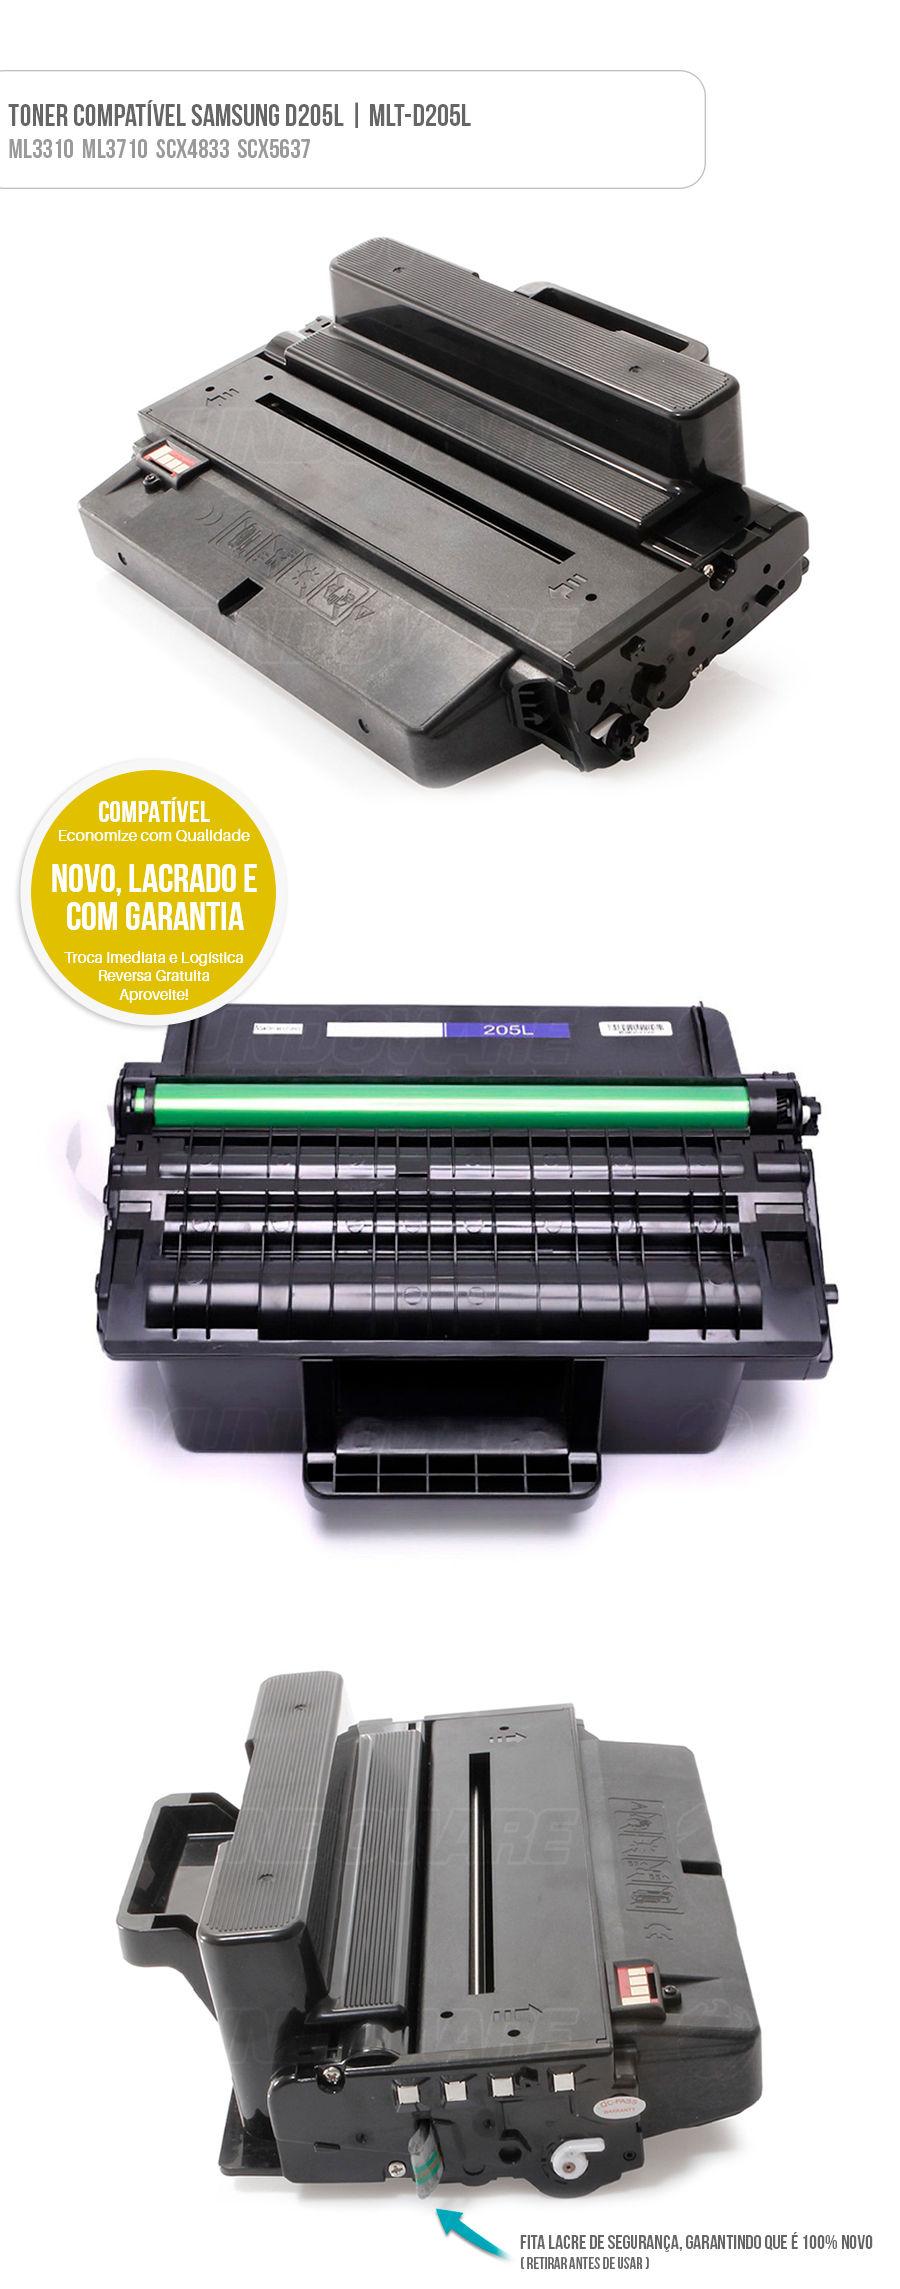 Cartucho de Toner Compatível Samsung para ML3310 ML3710 SCX4833 SCX5637 Tonner D205L D205